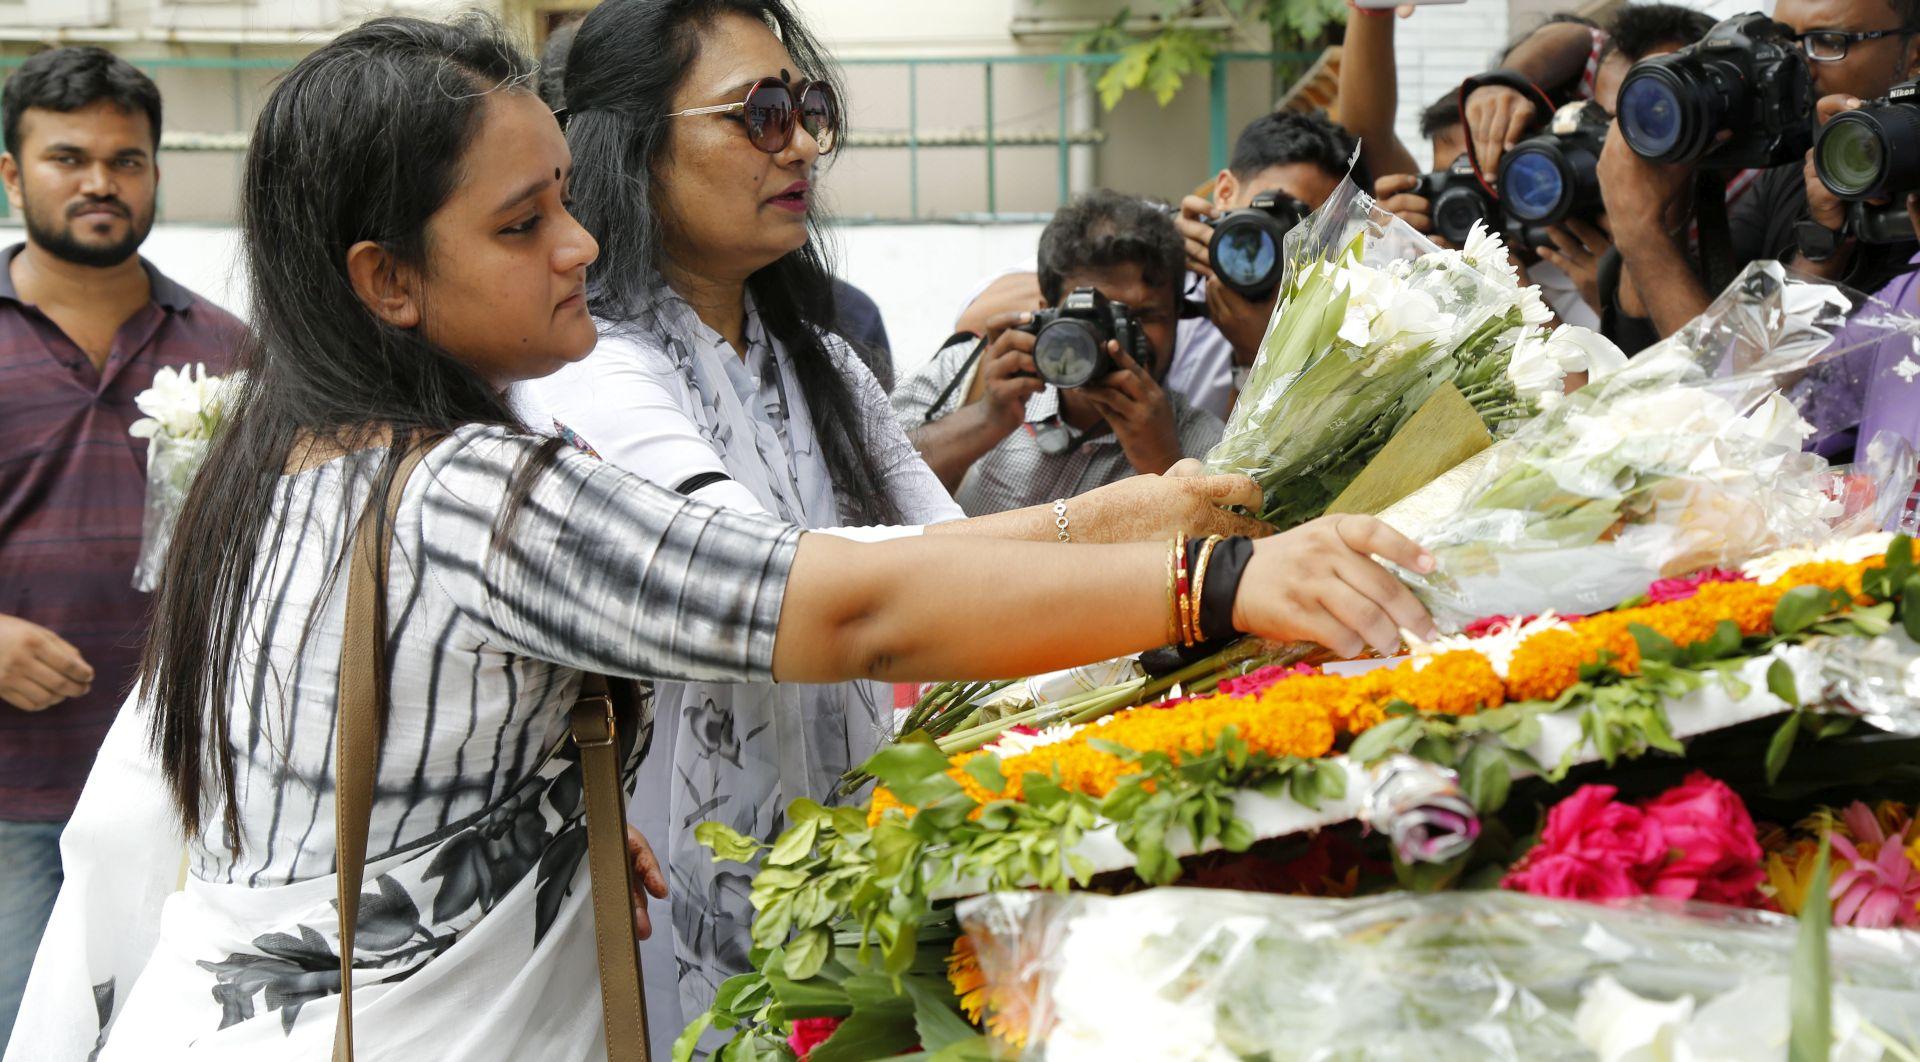 Eksplozija u tvornici odjeće u Bangladešu, osmero poginulih